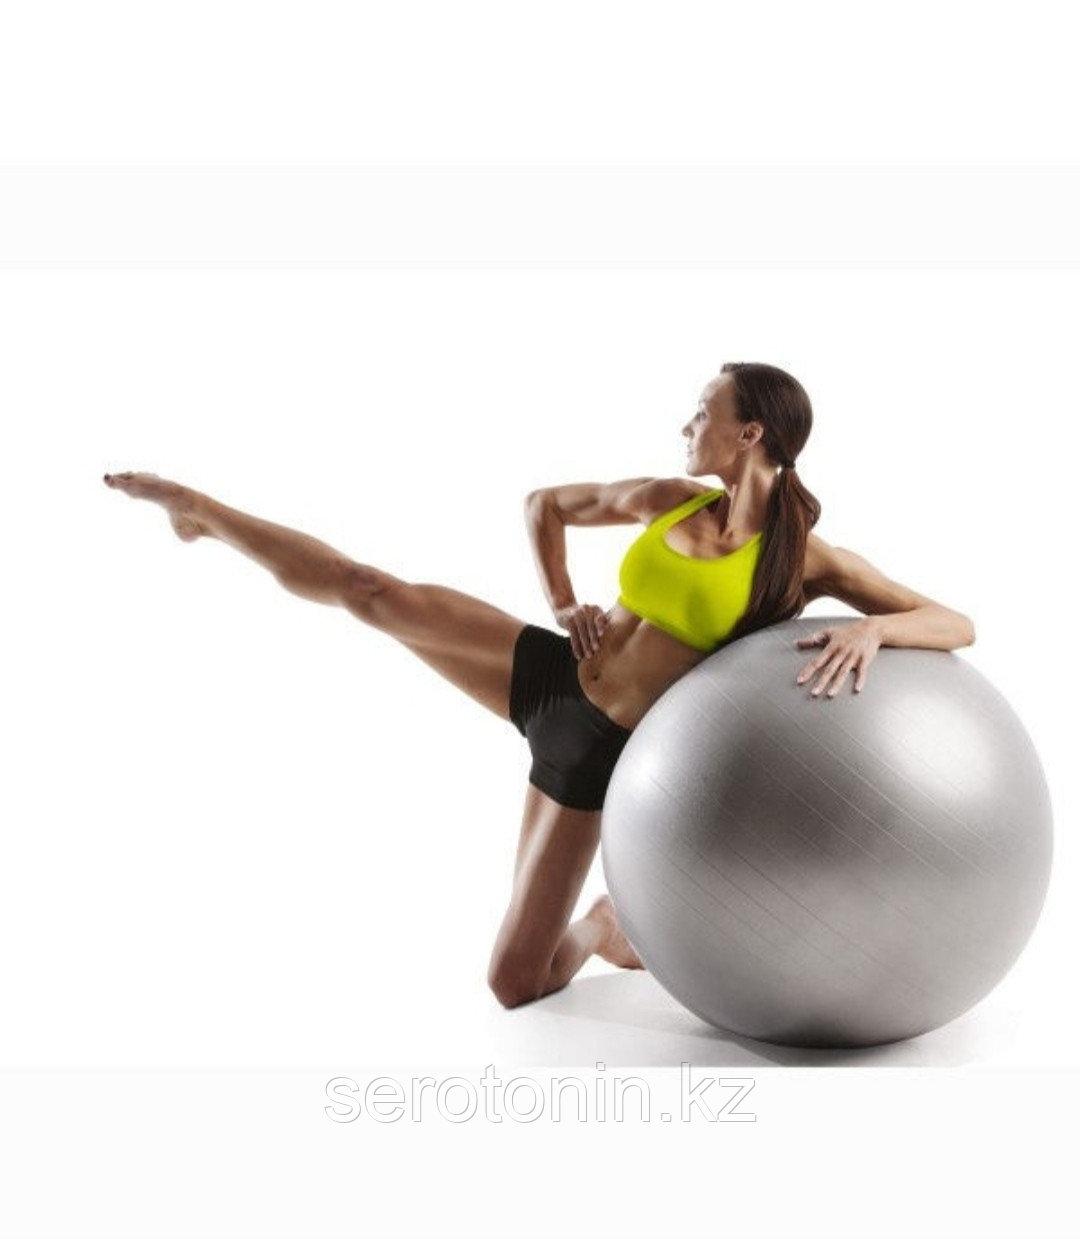 Мяч гимнастический (Фитбол) ПРО 85 см - фото 4